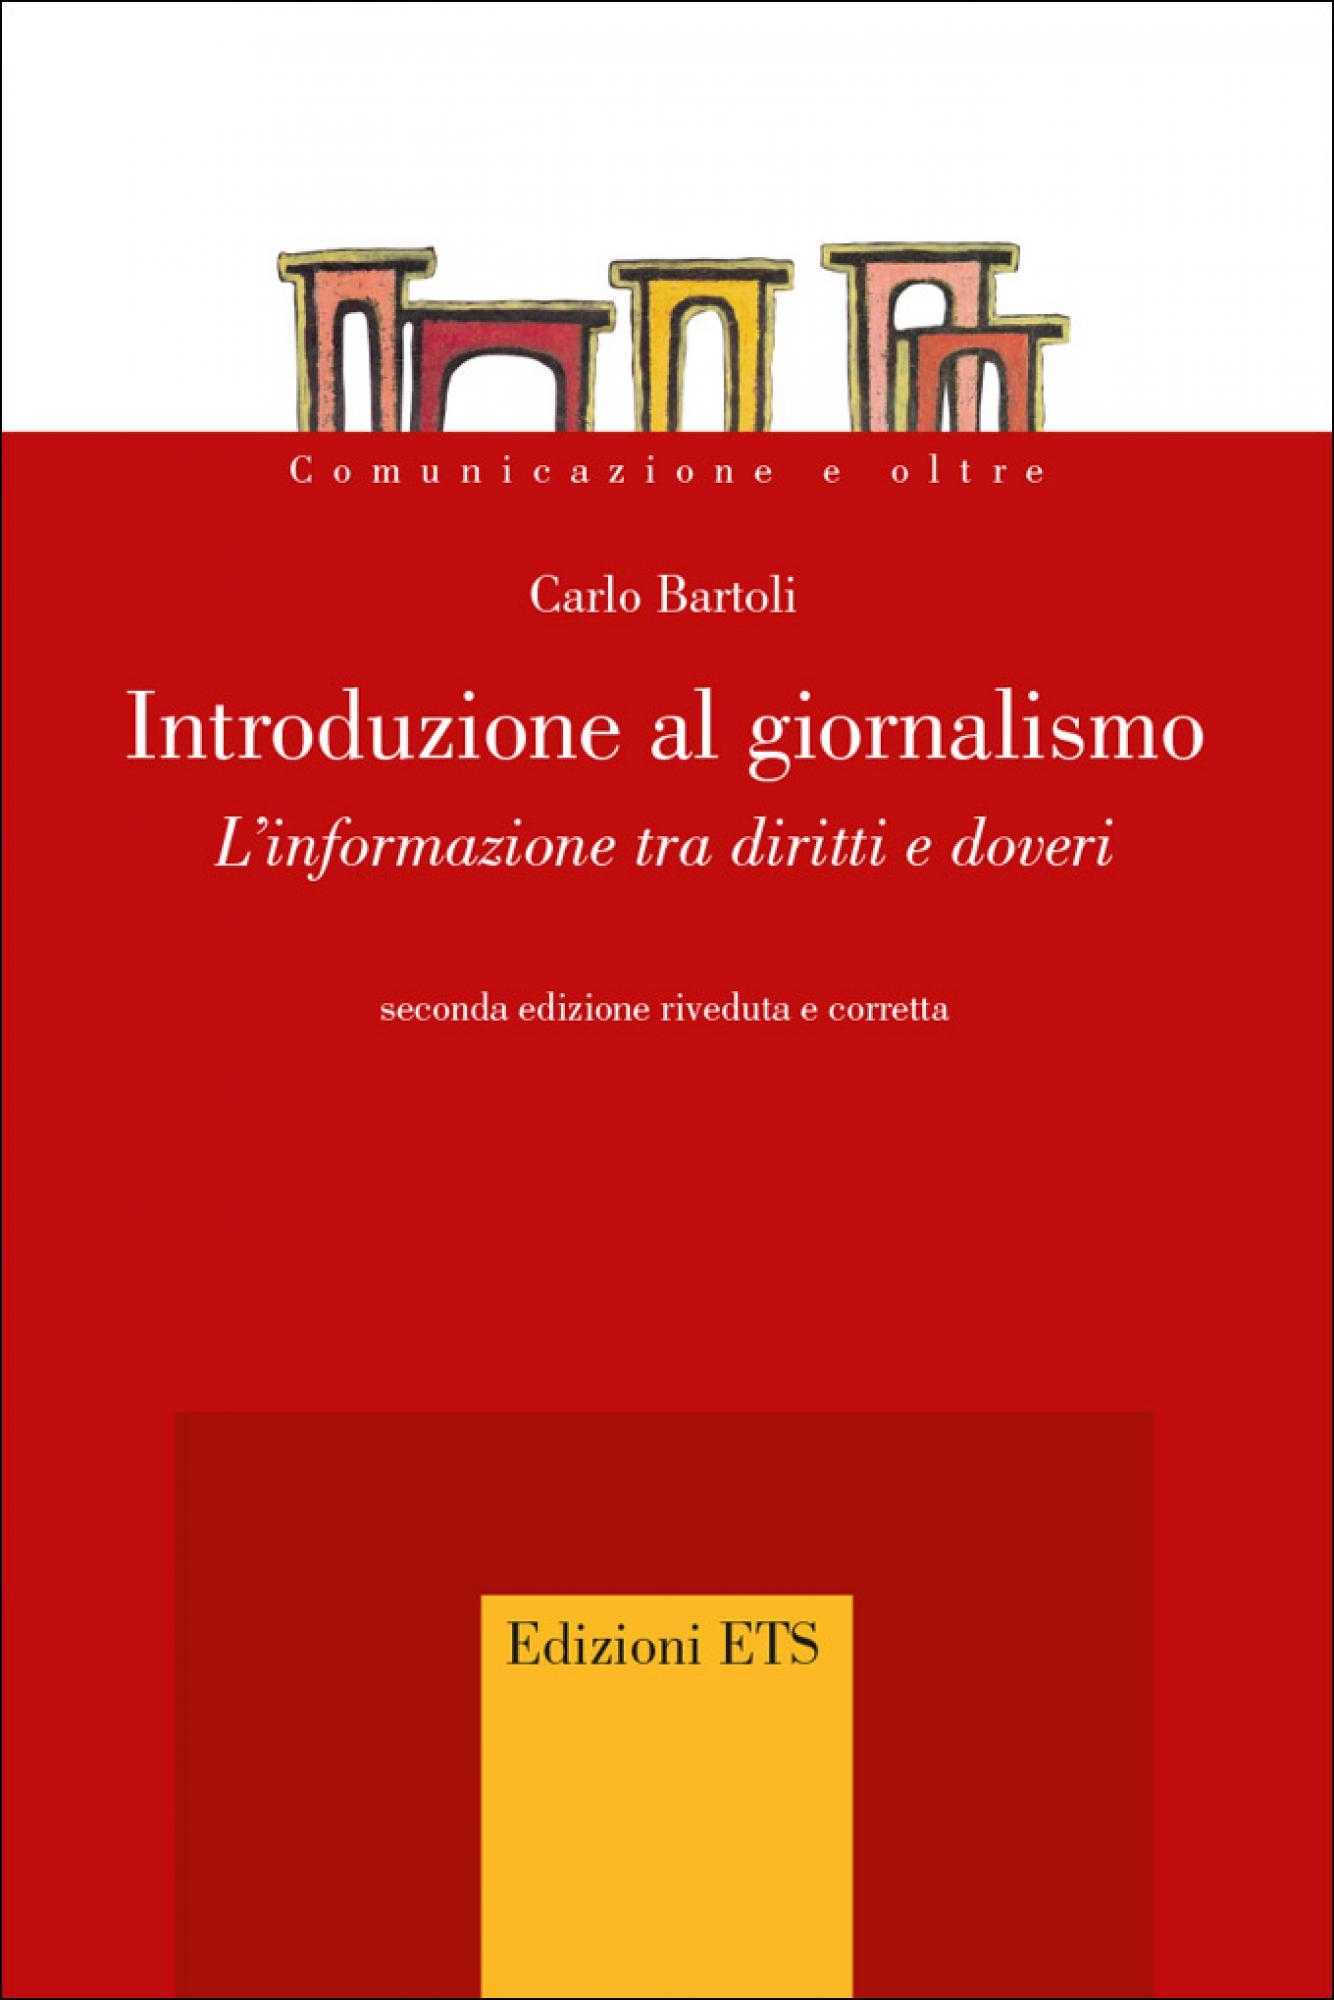 Introduzione al giornalismo.L'informazione tra diritti e doveri - 2a ed.